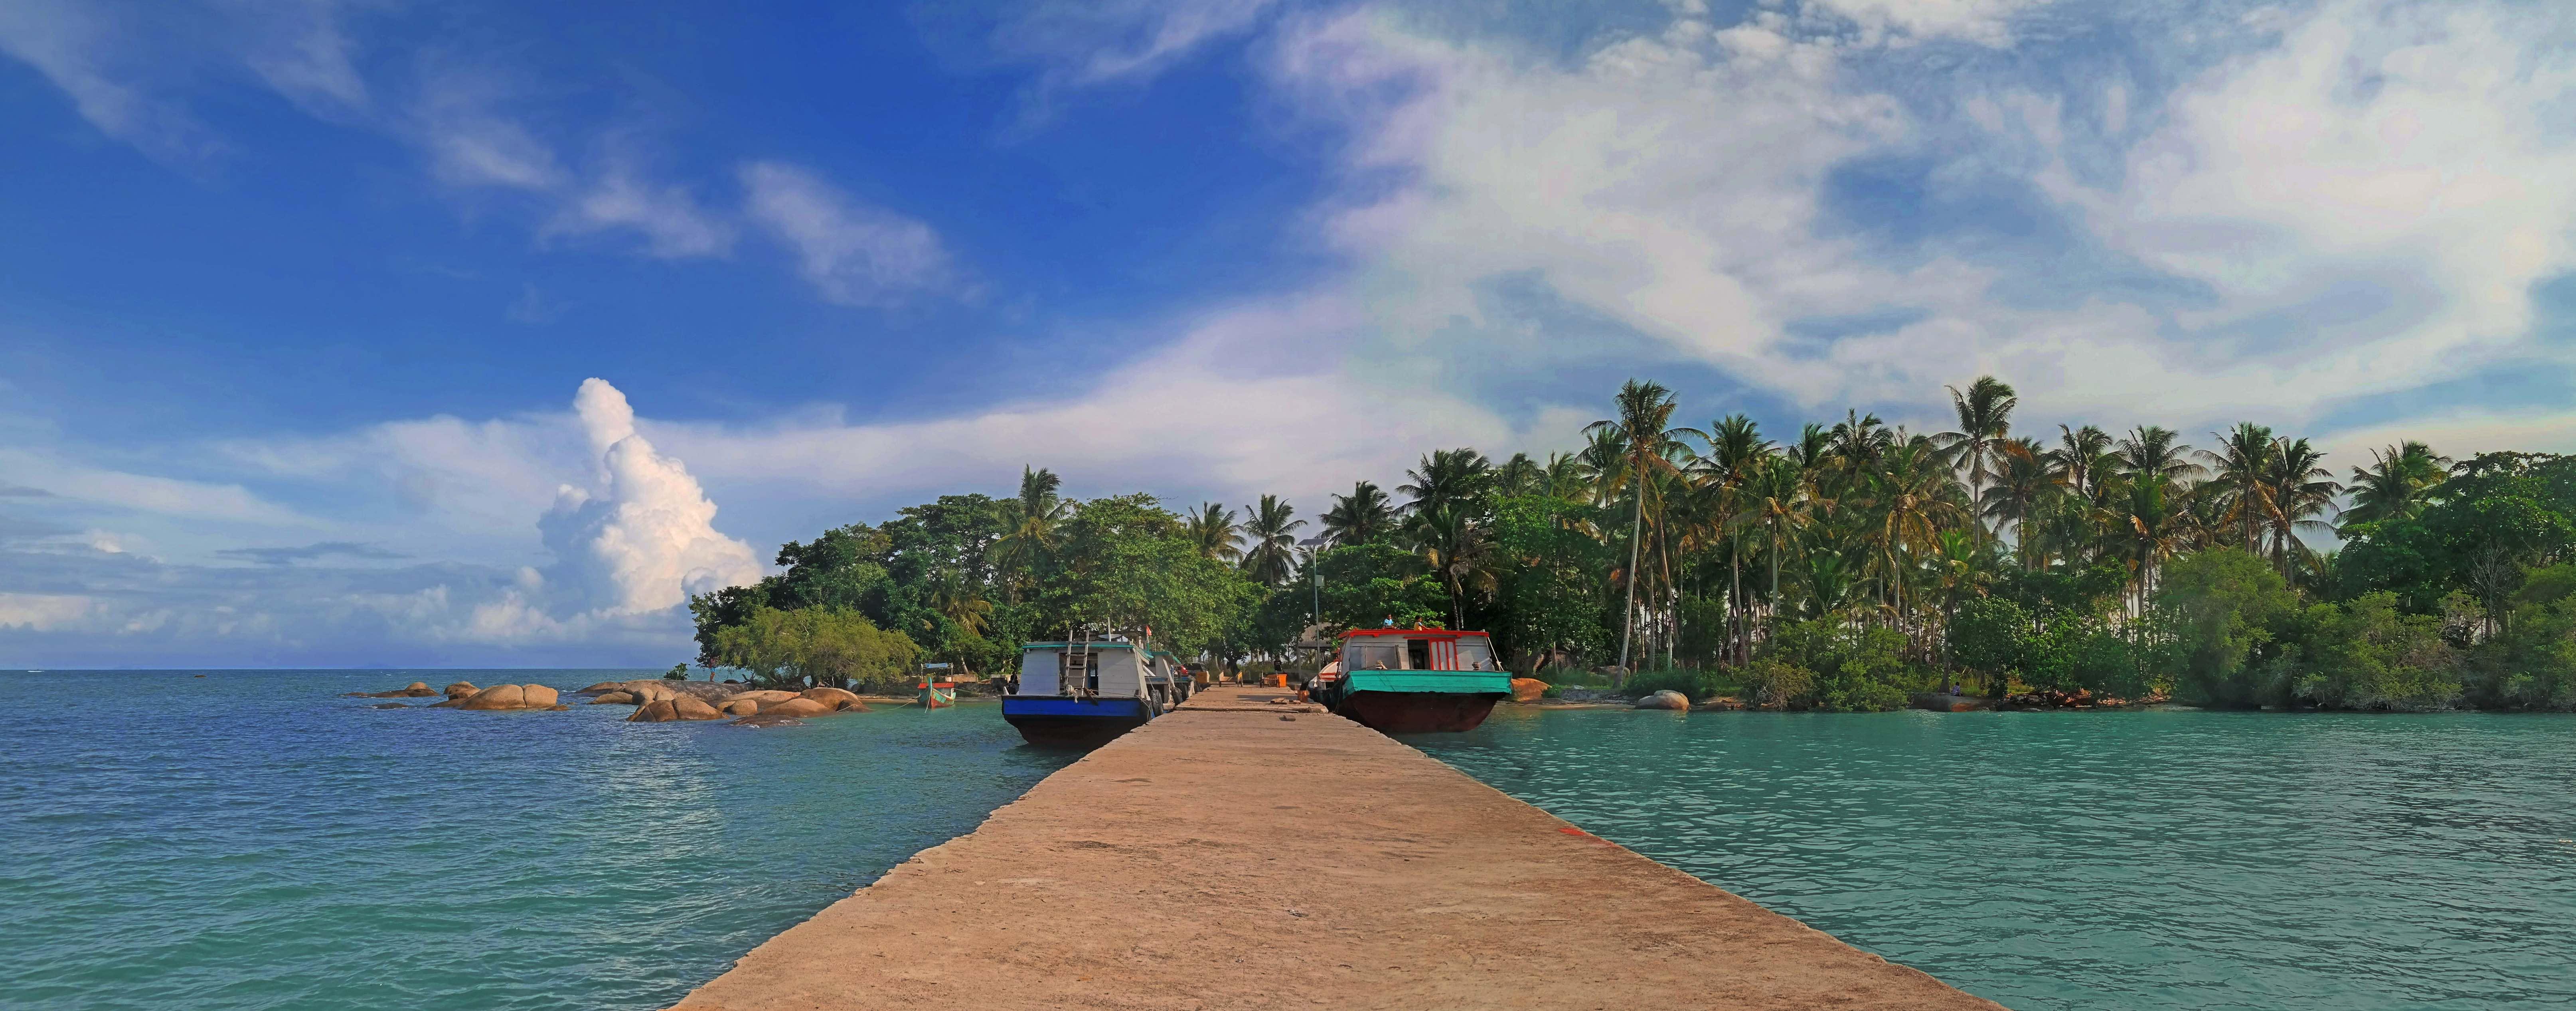 Teluk Gembira